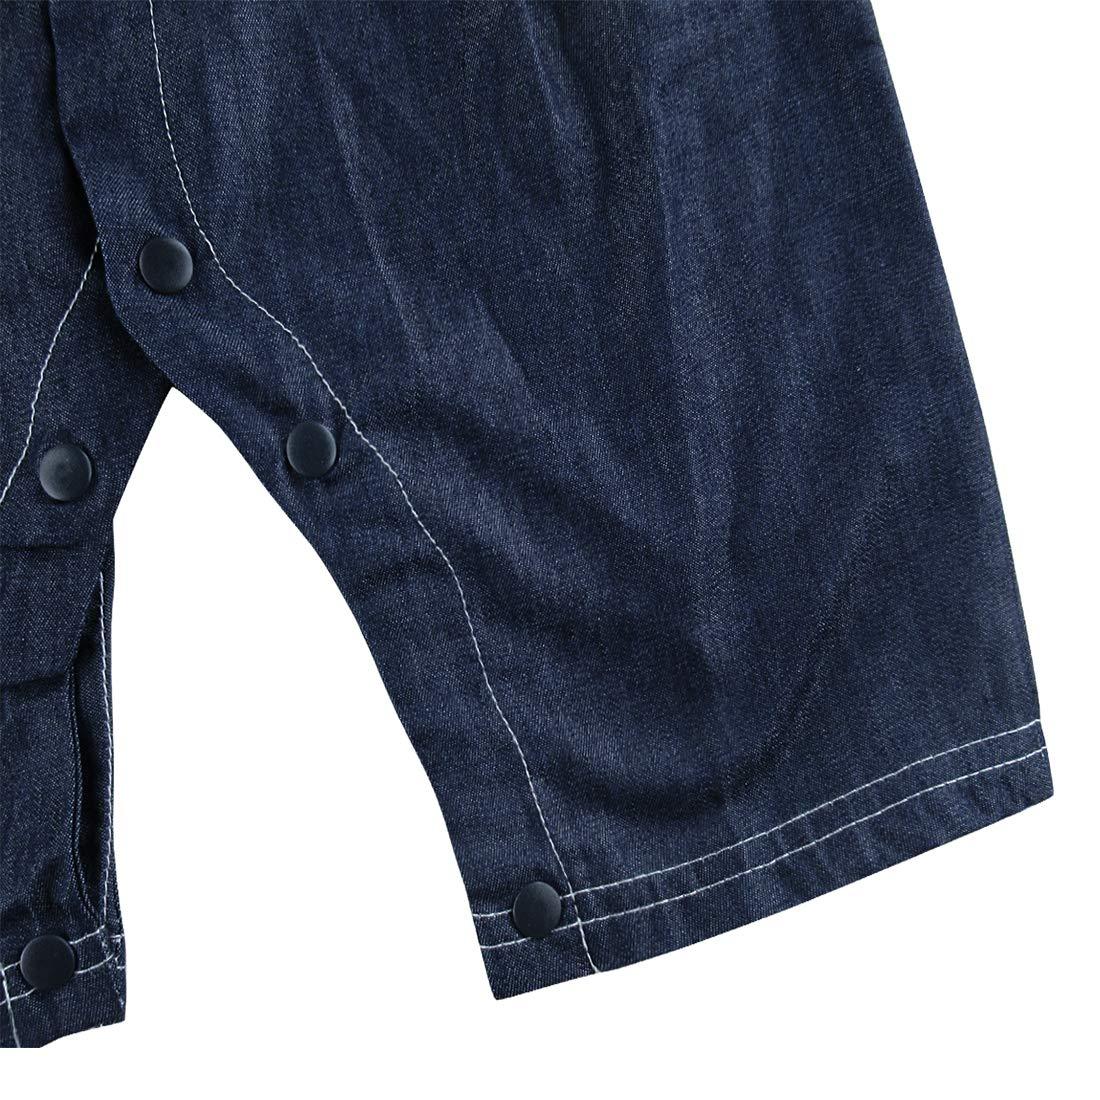 Taille 3-18 Mois A/&J DESIGN B/éb/é Gar/çon Gentilhomme Barboteuse Plaid Chemise Bretelles Denim Jeans avec N/œud Papillon